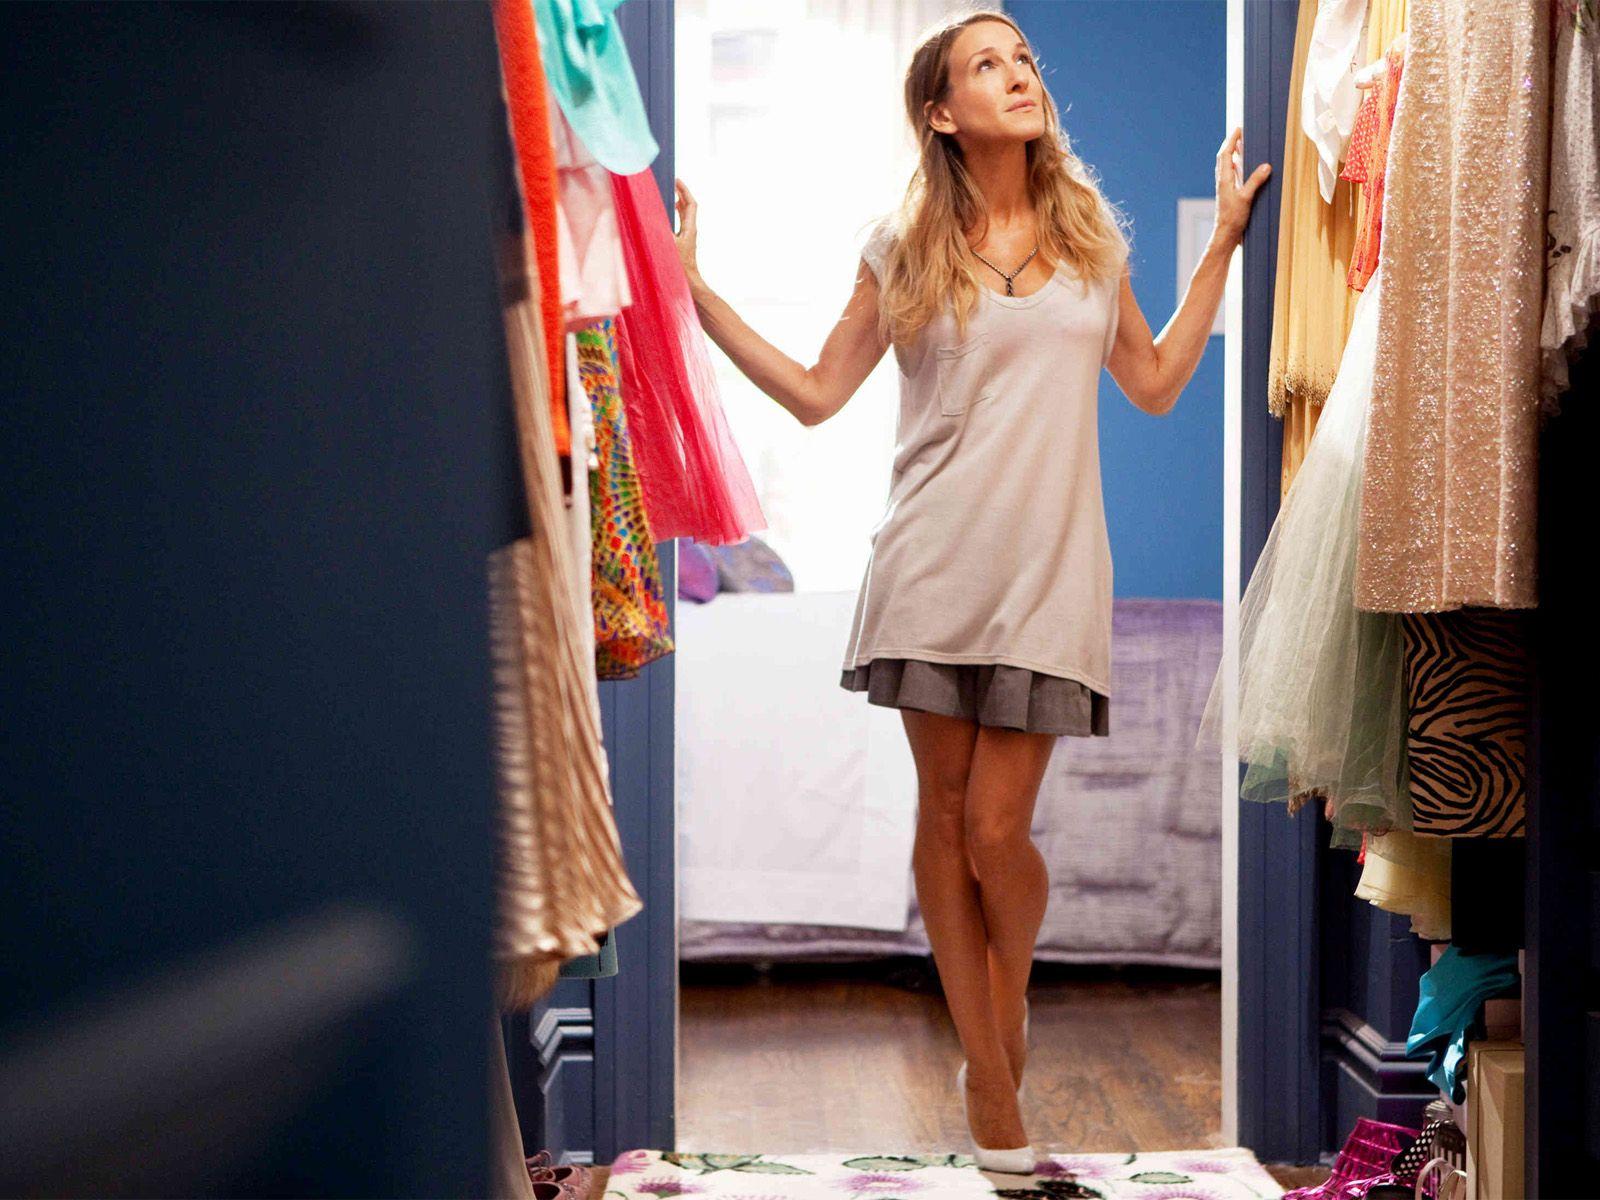 Как научиться грамотно инвестировать в свой гардероб? формула удачного шоппинга!